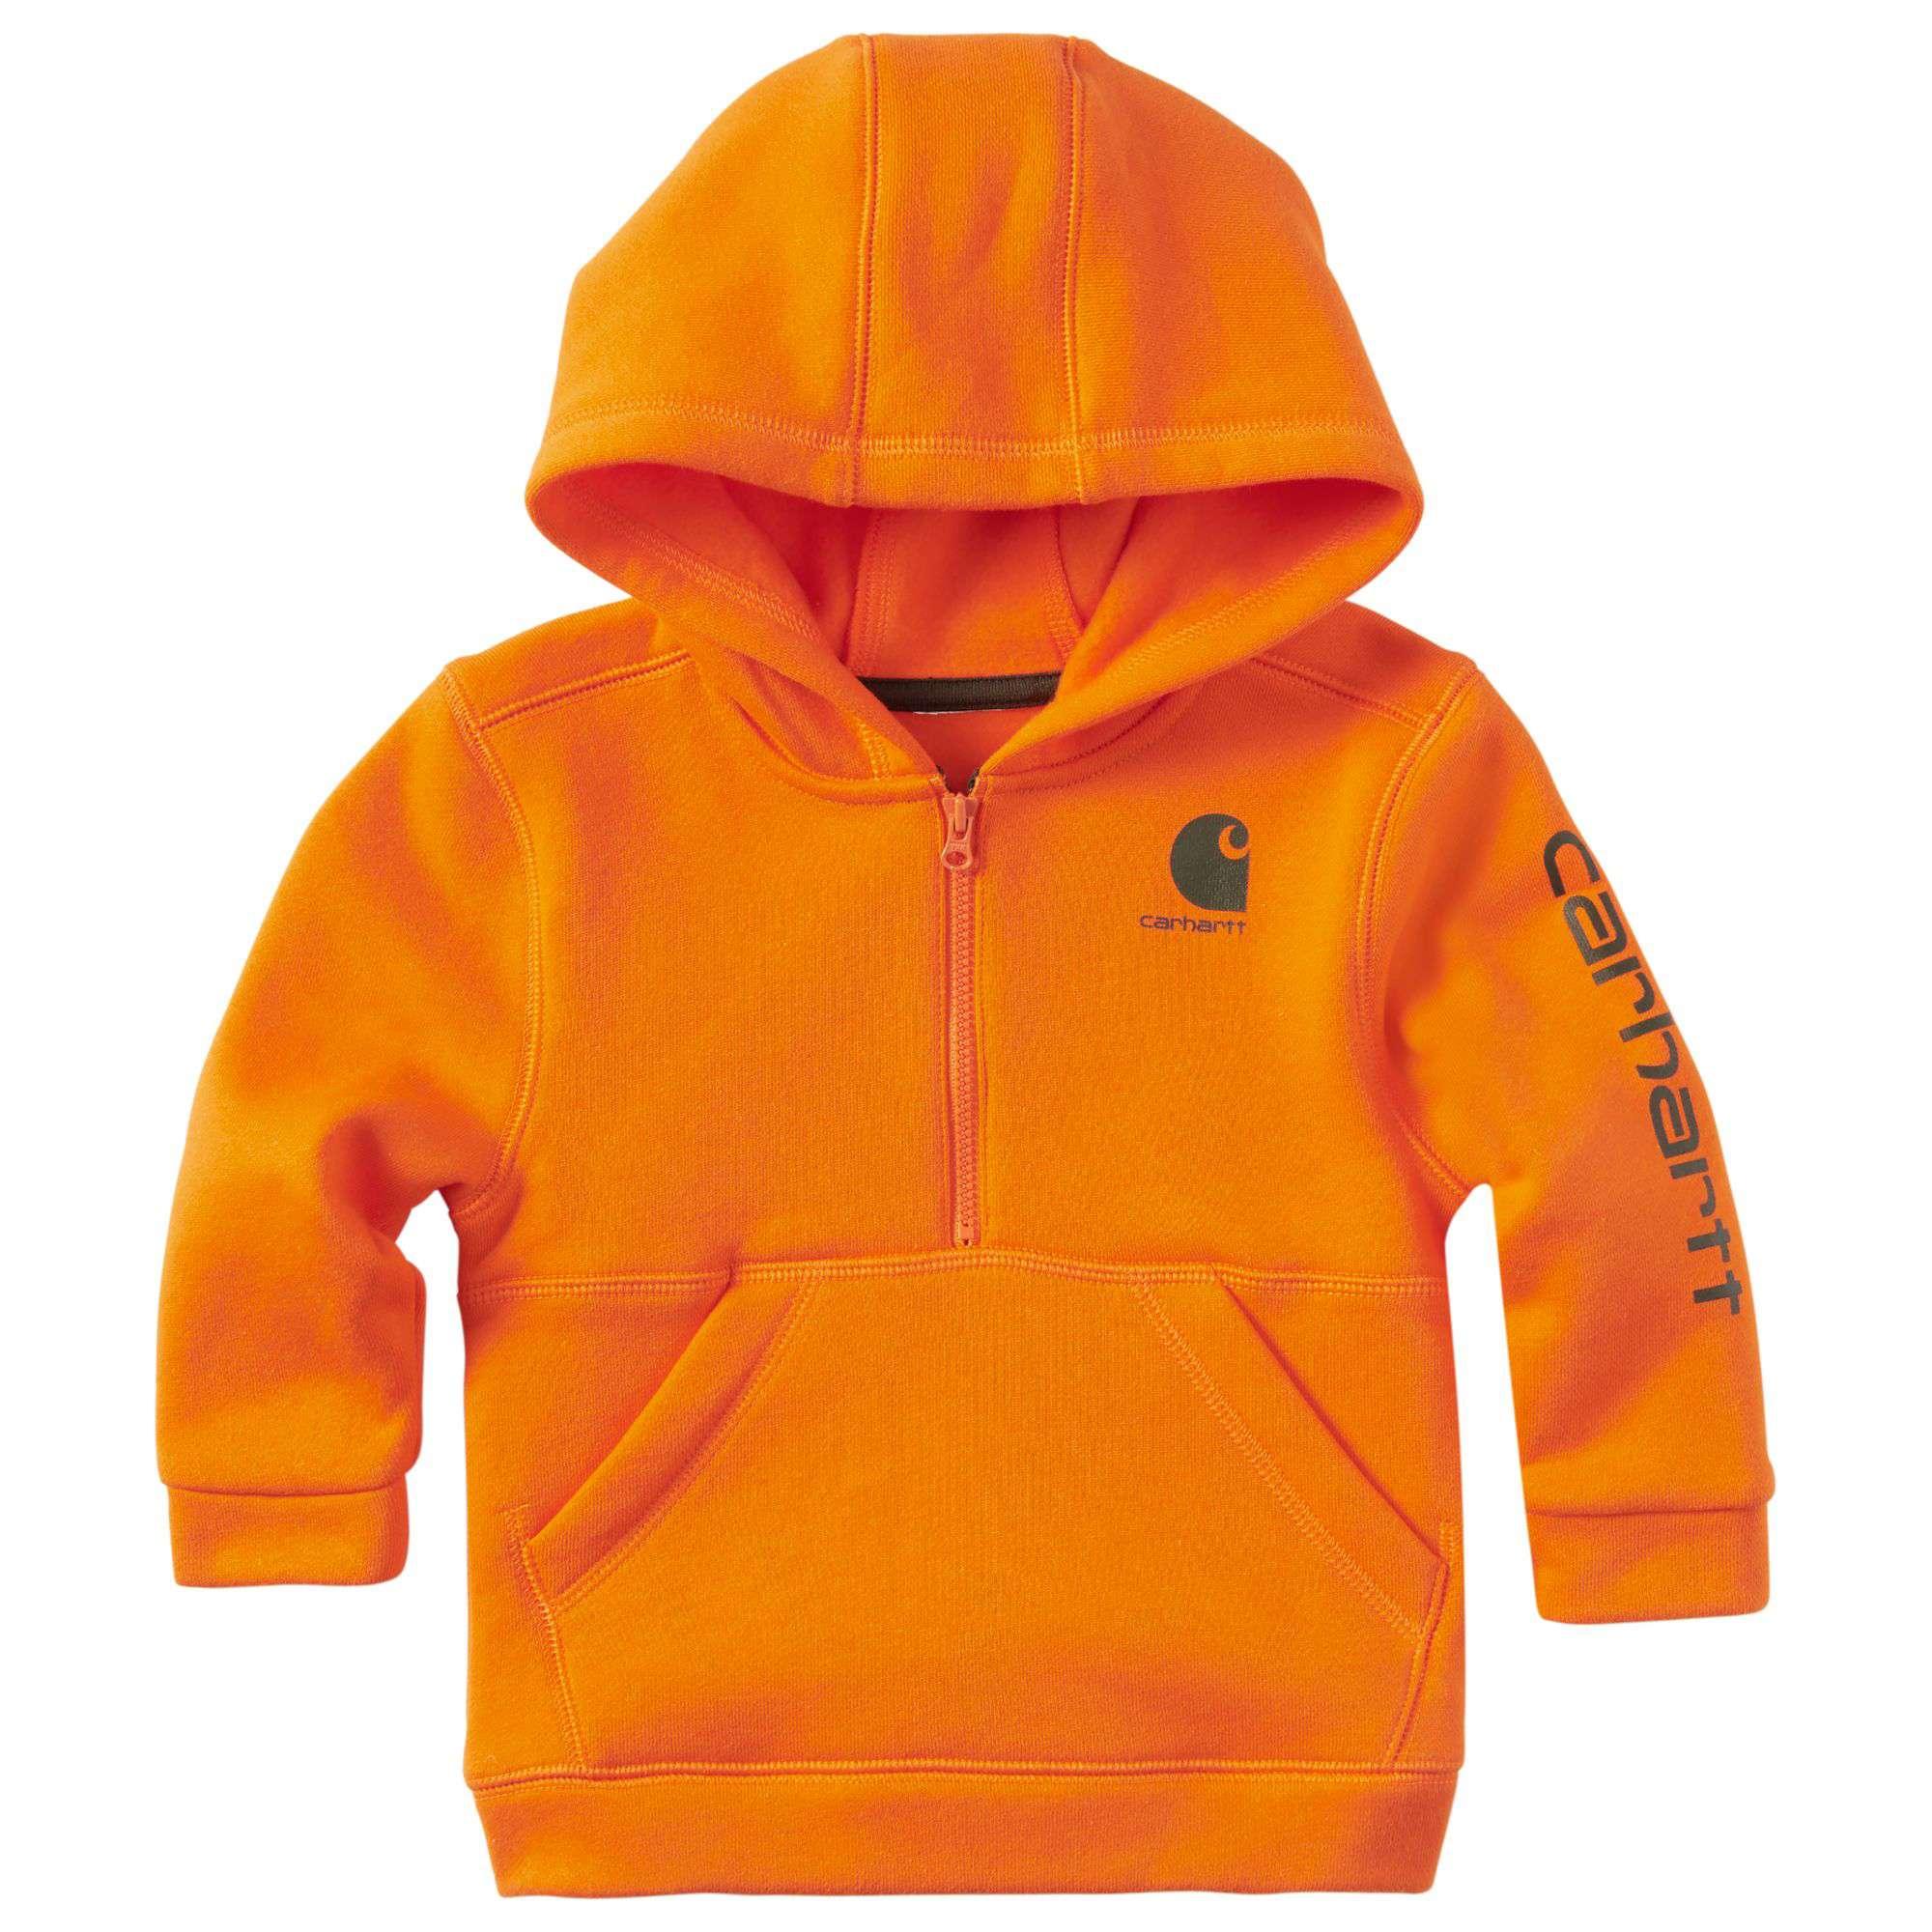 Carhartt Half Zip Sweatshirt